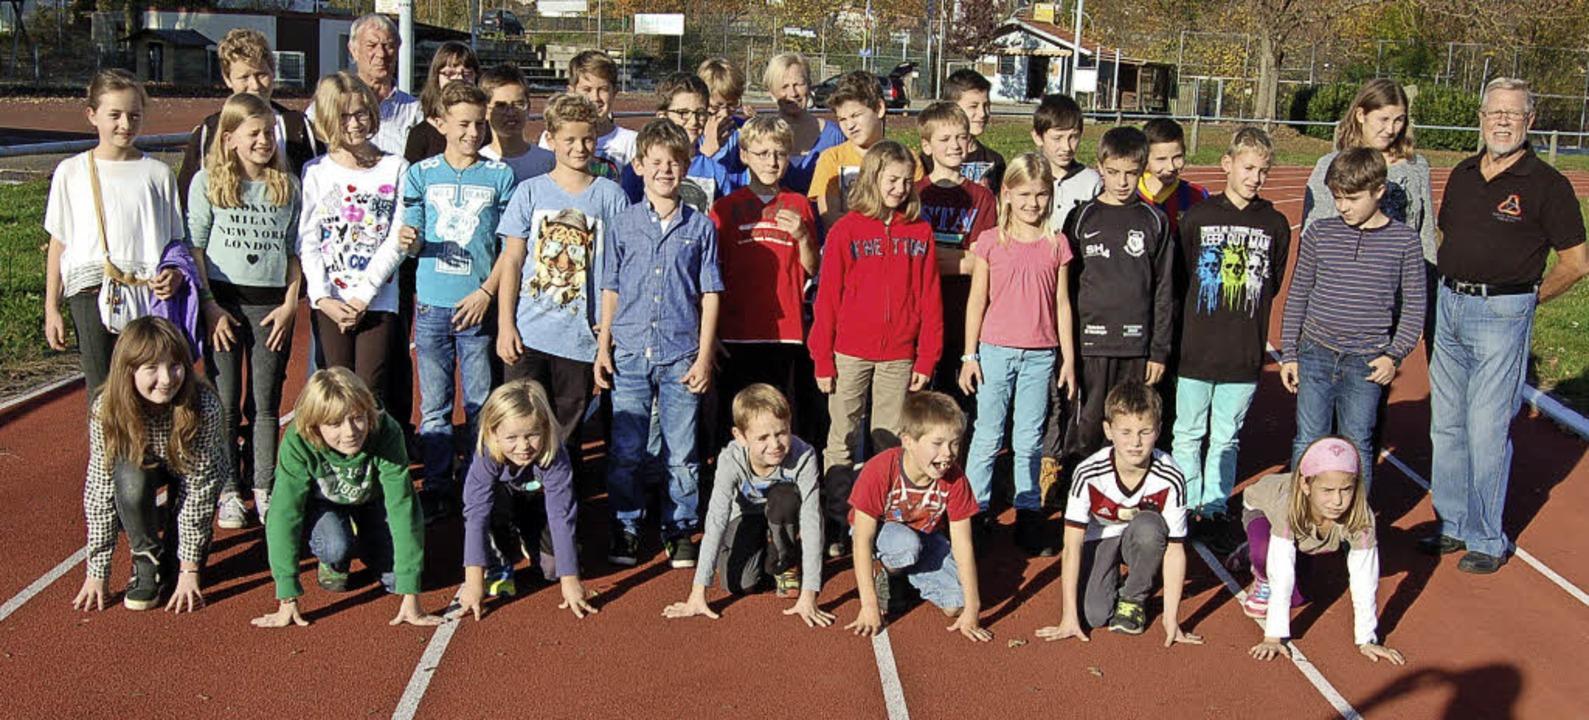 Früh übt sich<ppp>: </ppp>Am Nachmitta...die Jugendlichen ihre Sportabzeichen.   | Foto: Christian Ringwald